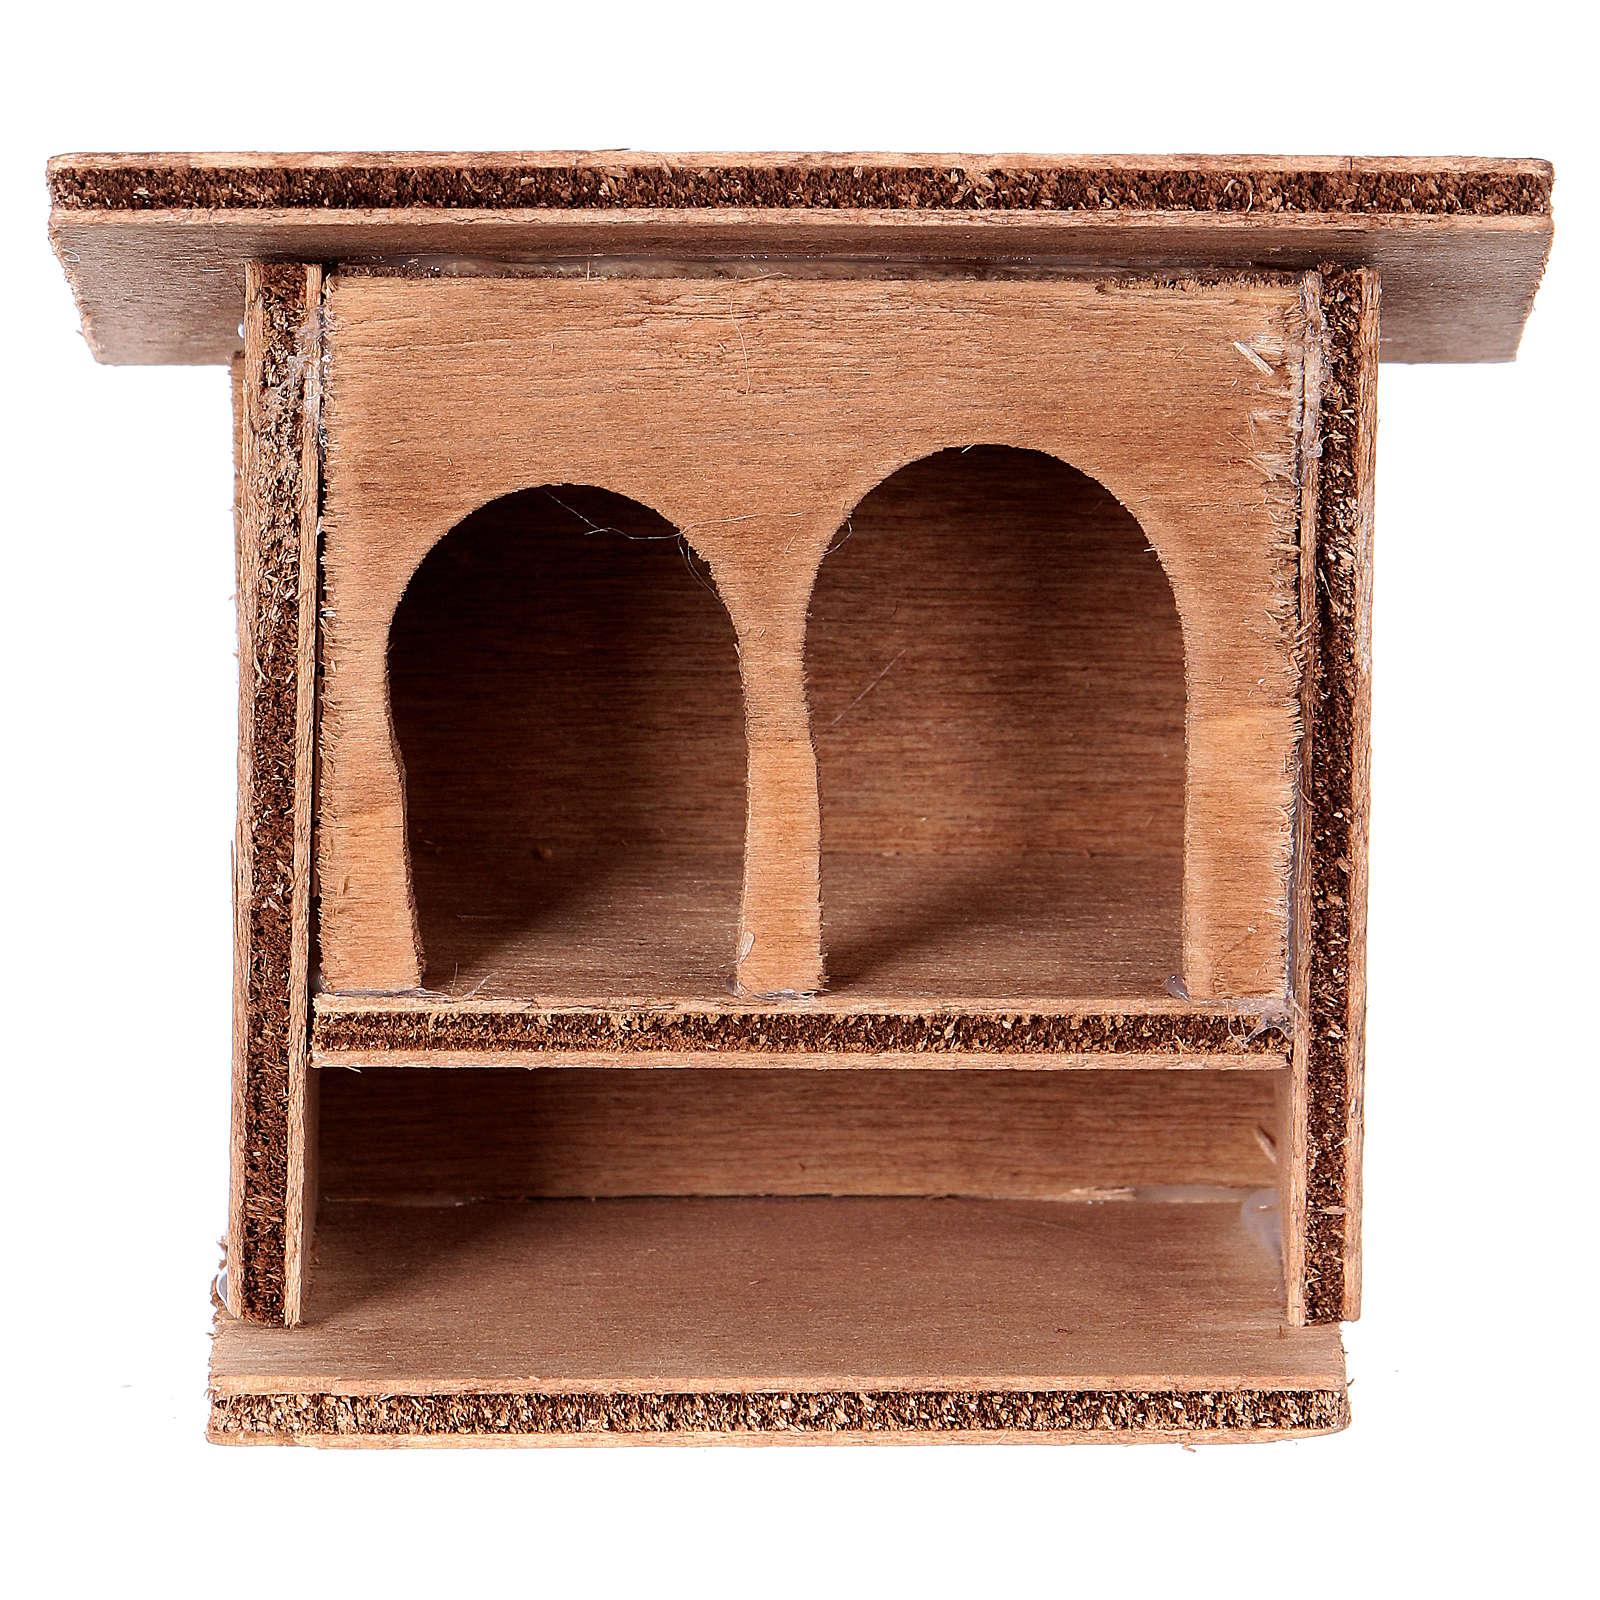 Double rabbit-hutch for Nativity Scene 8 - 10cm 3